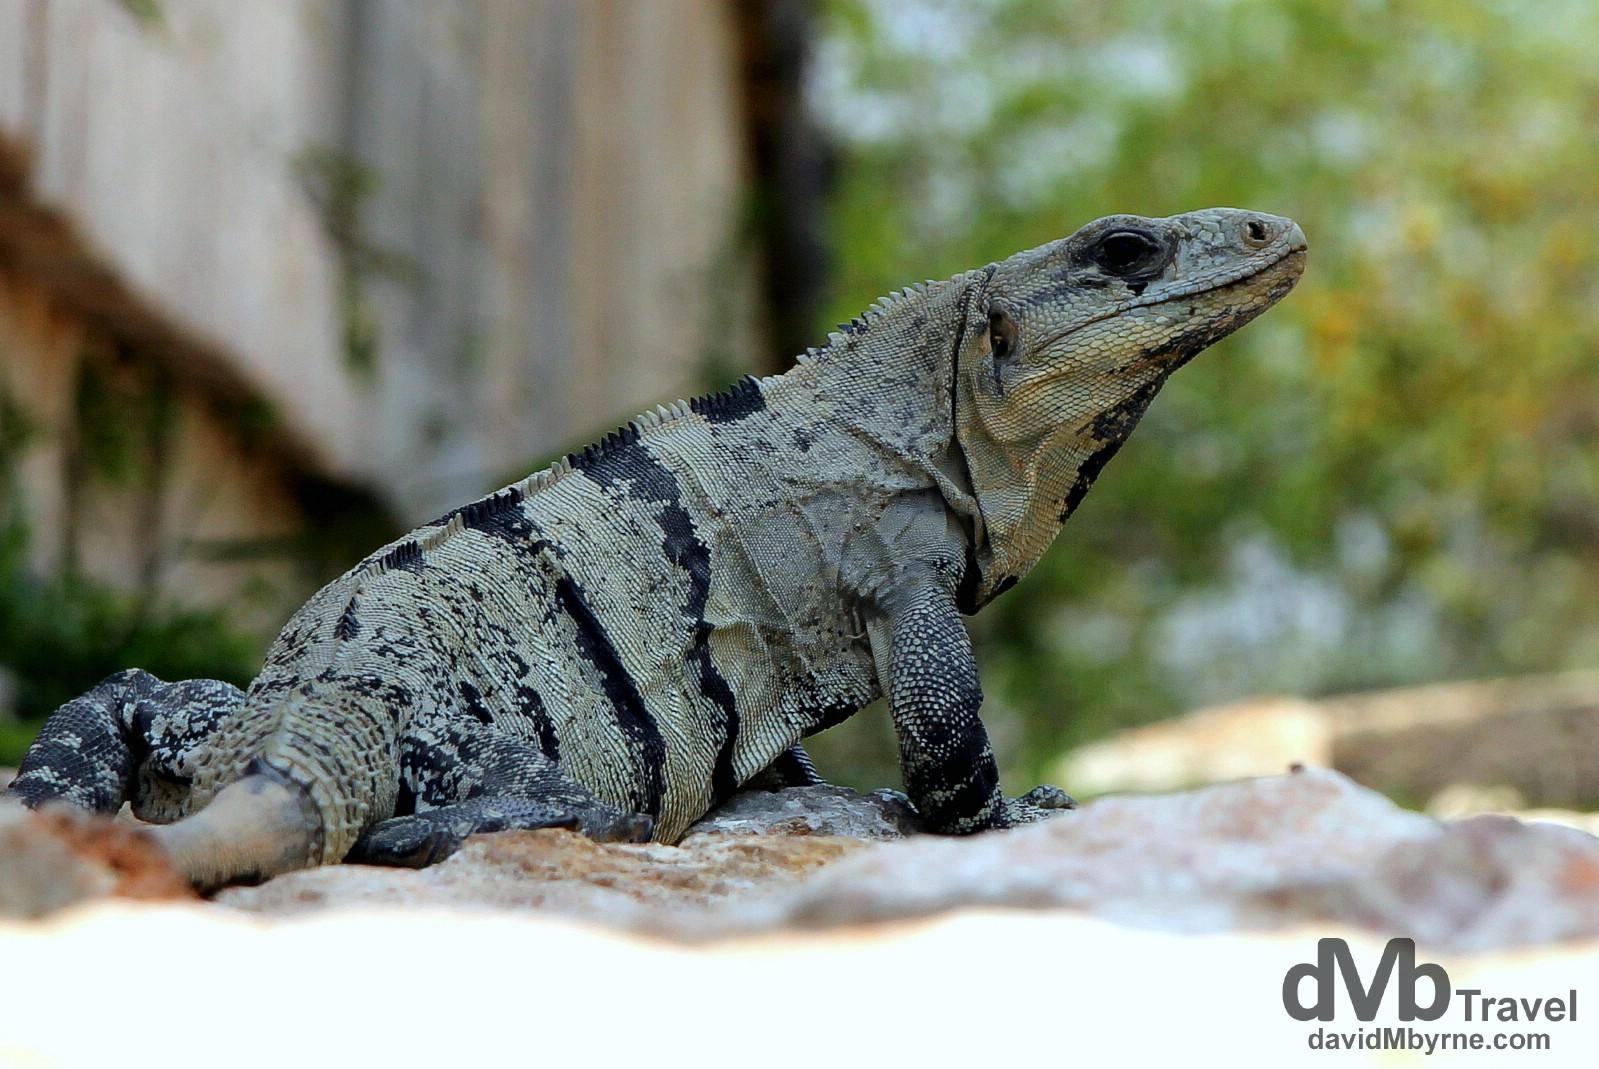 A lizard resting in the shade at the Uxmal Mayan ruins, Yucatan Peninsula, Mexico. May 2nd 2013.